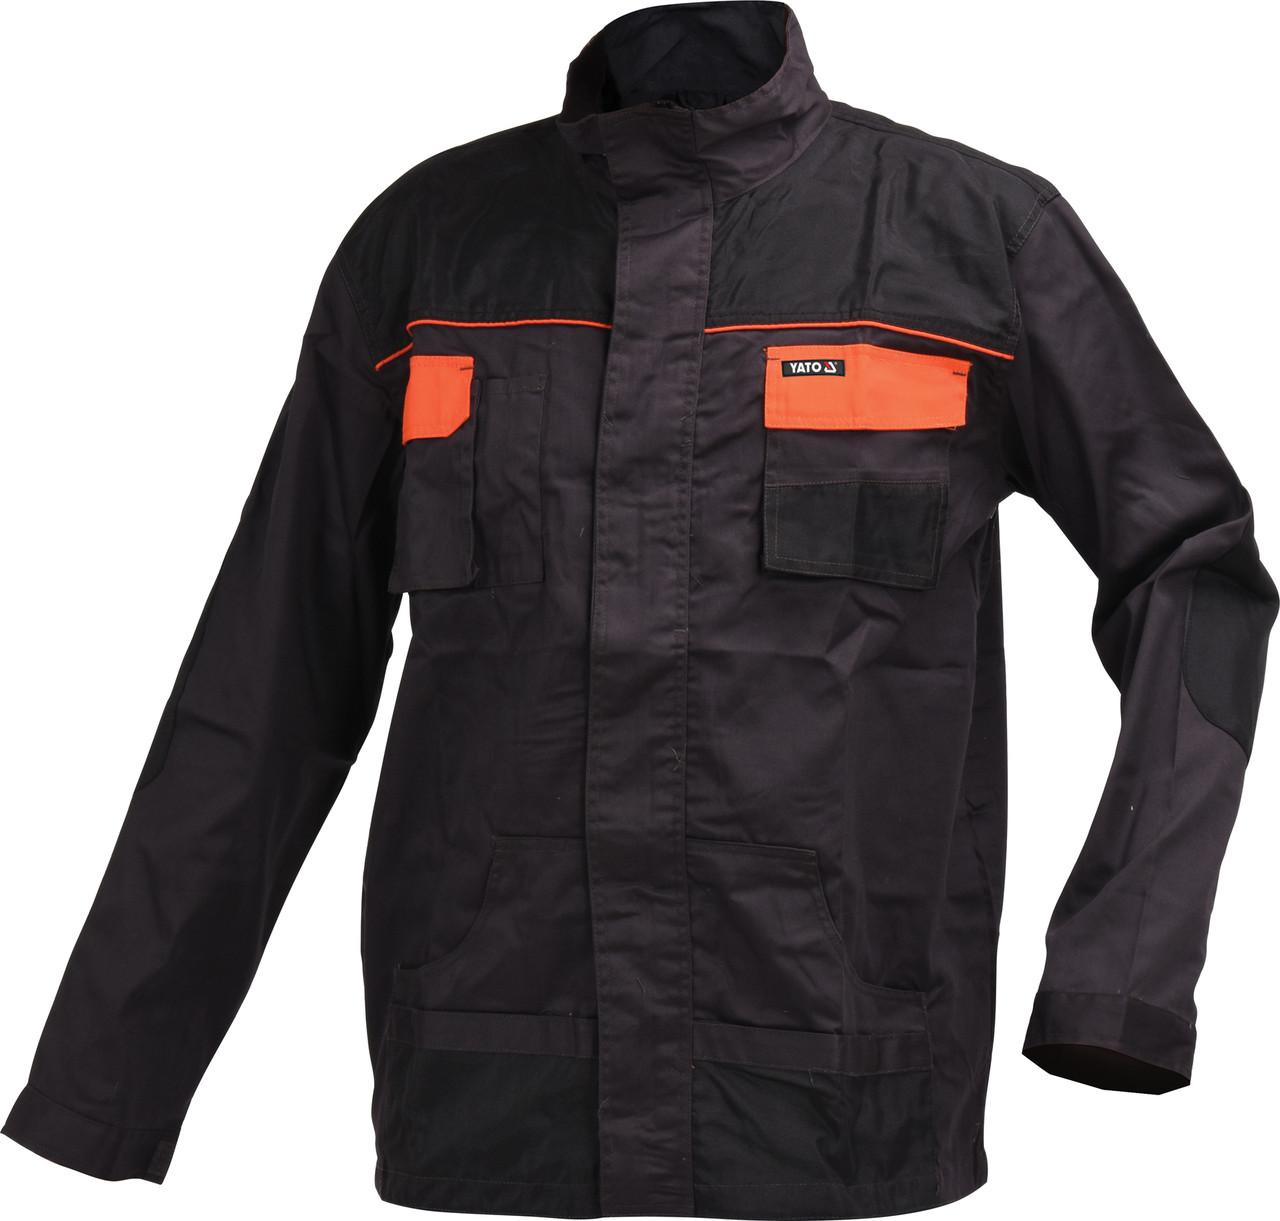 Робоча куртка YATO YT-80903 розмір L/XL